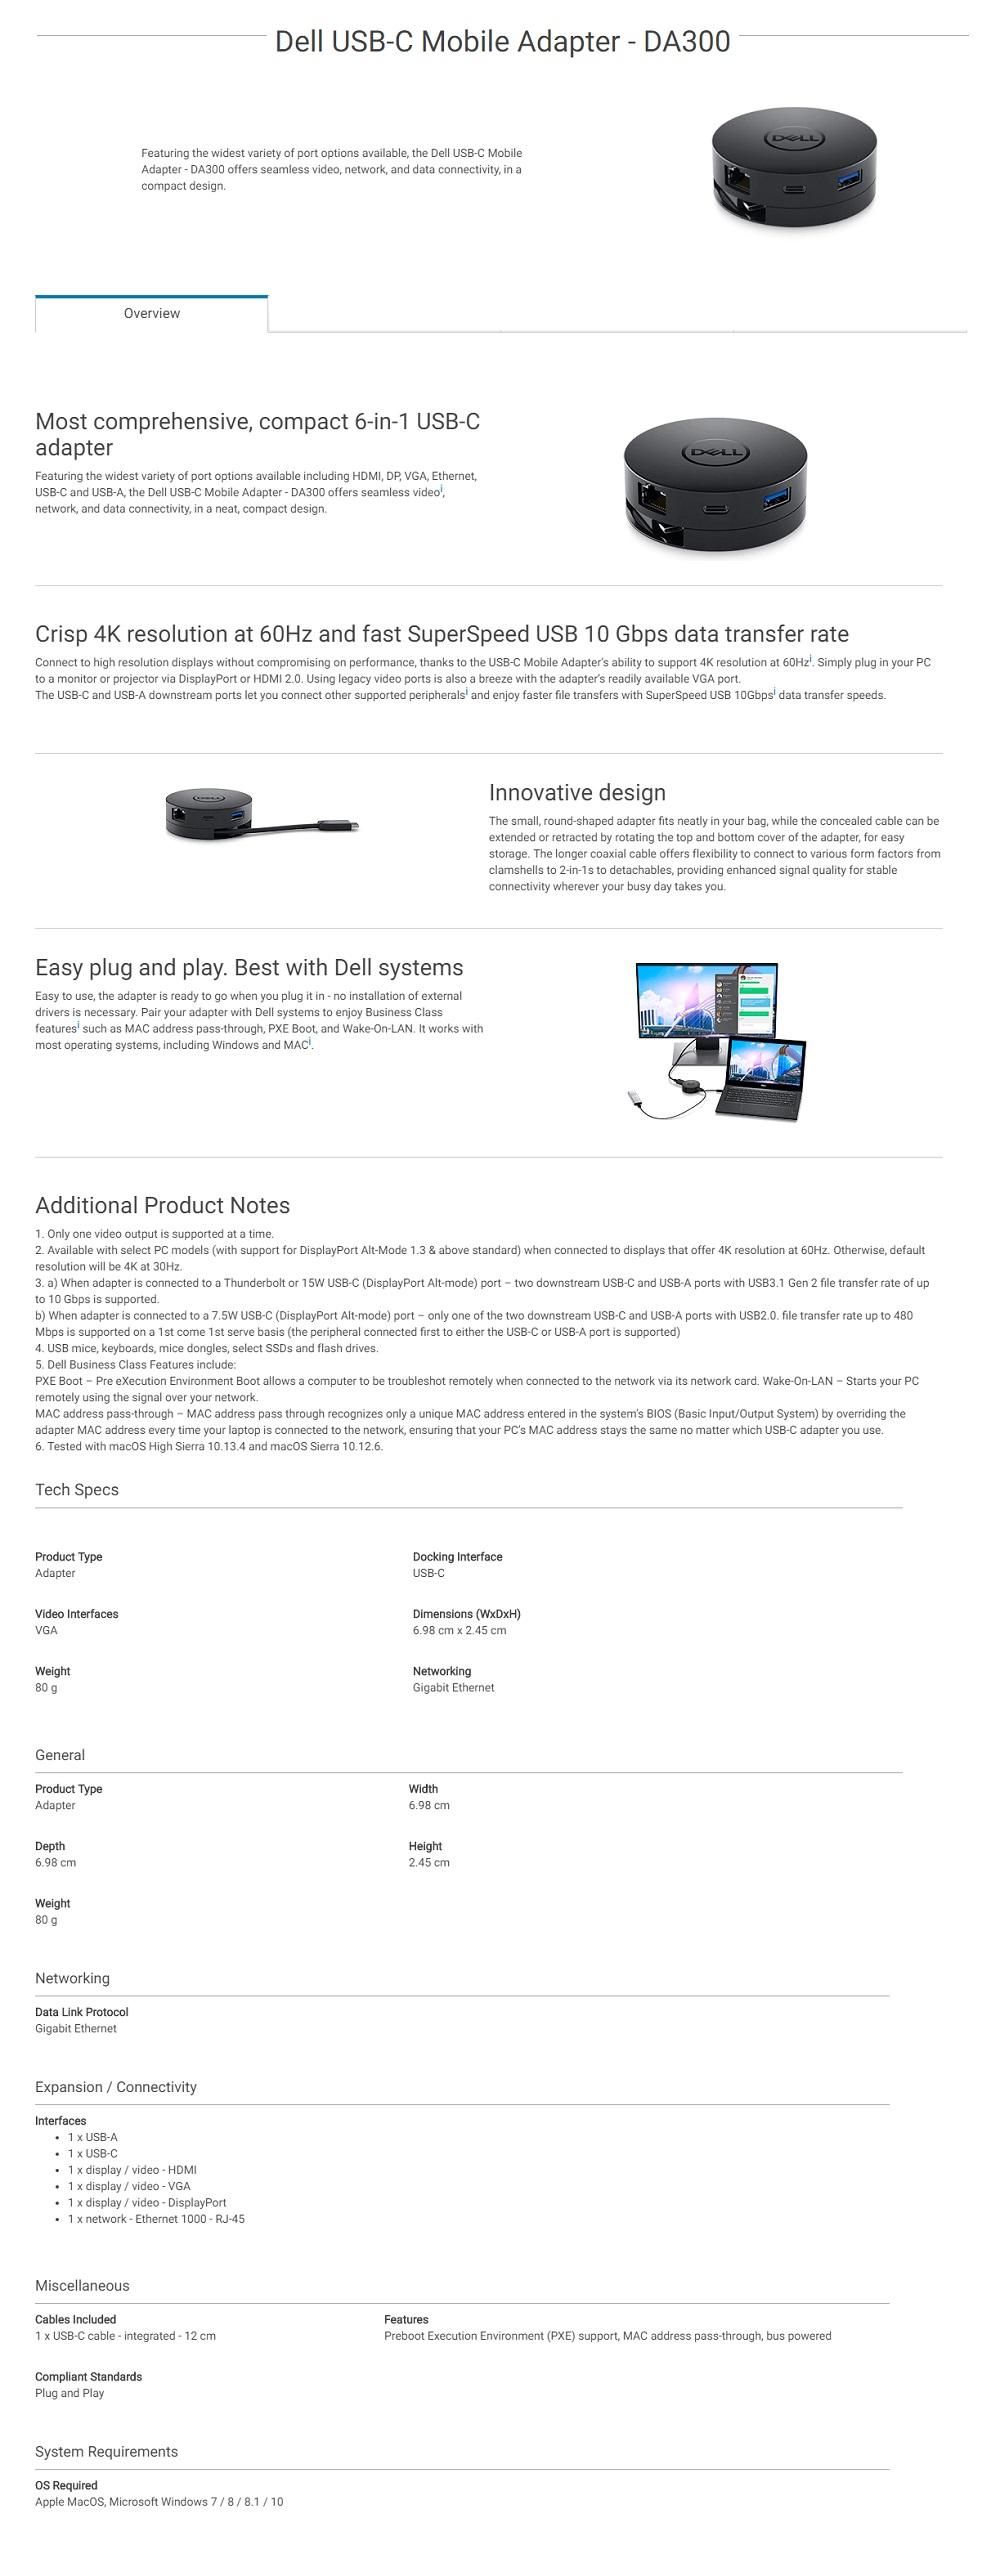 DELL/C  DELL DA300 USB-C MOBILE ADAPTER